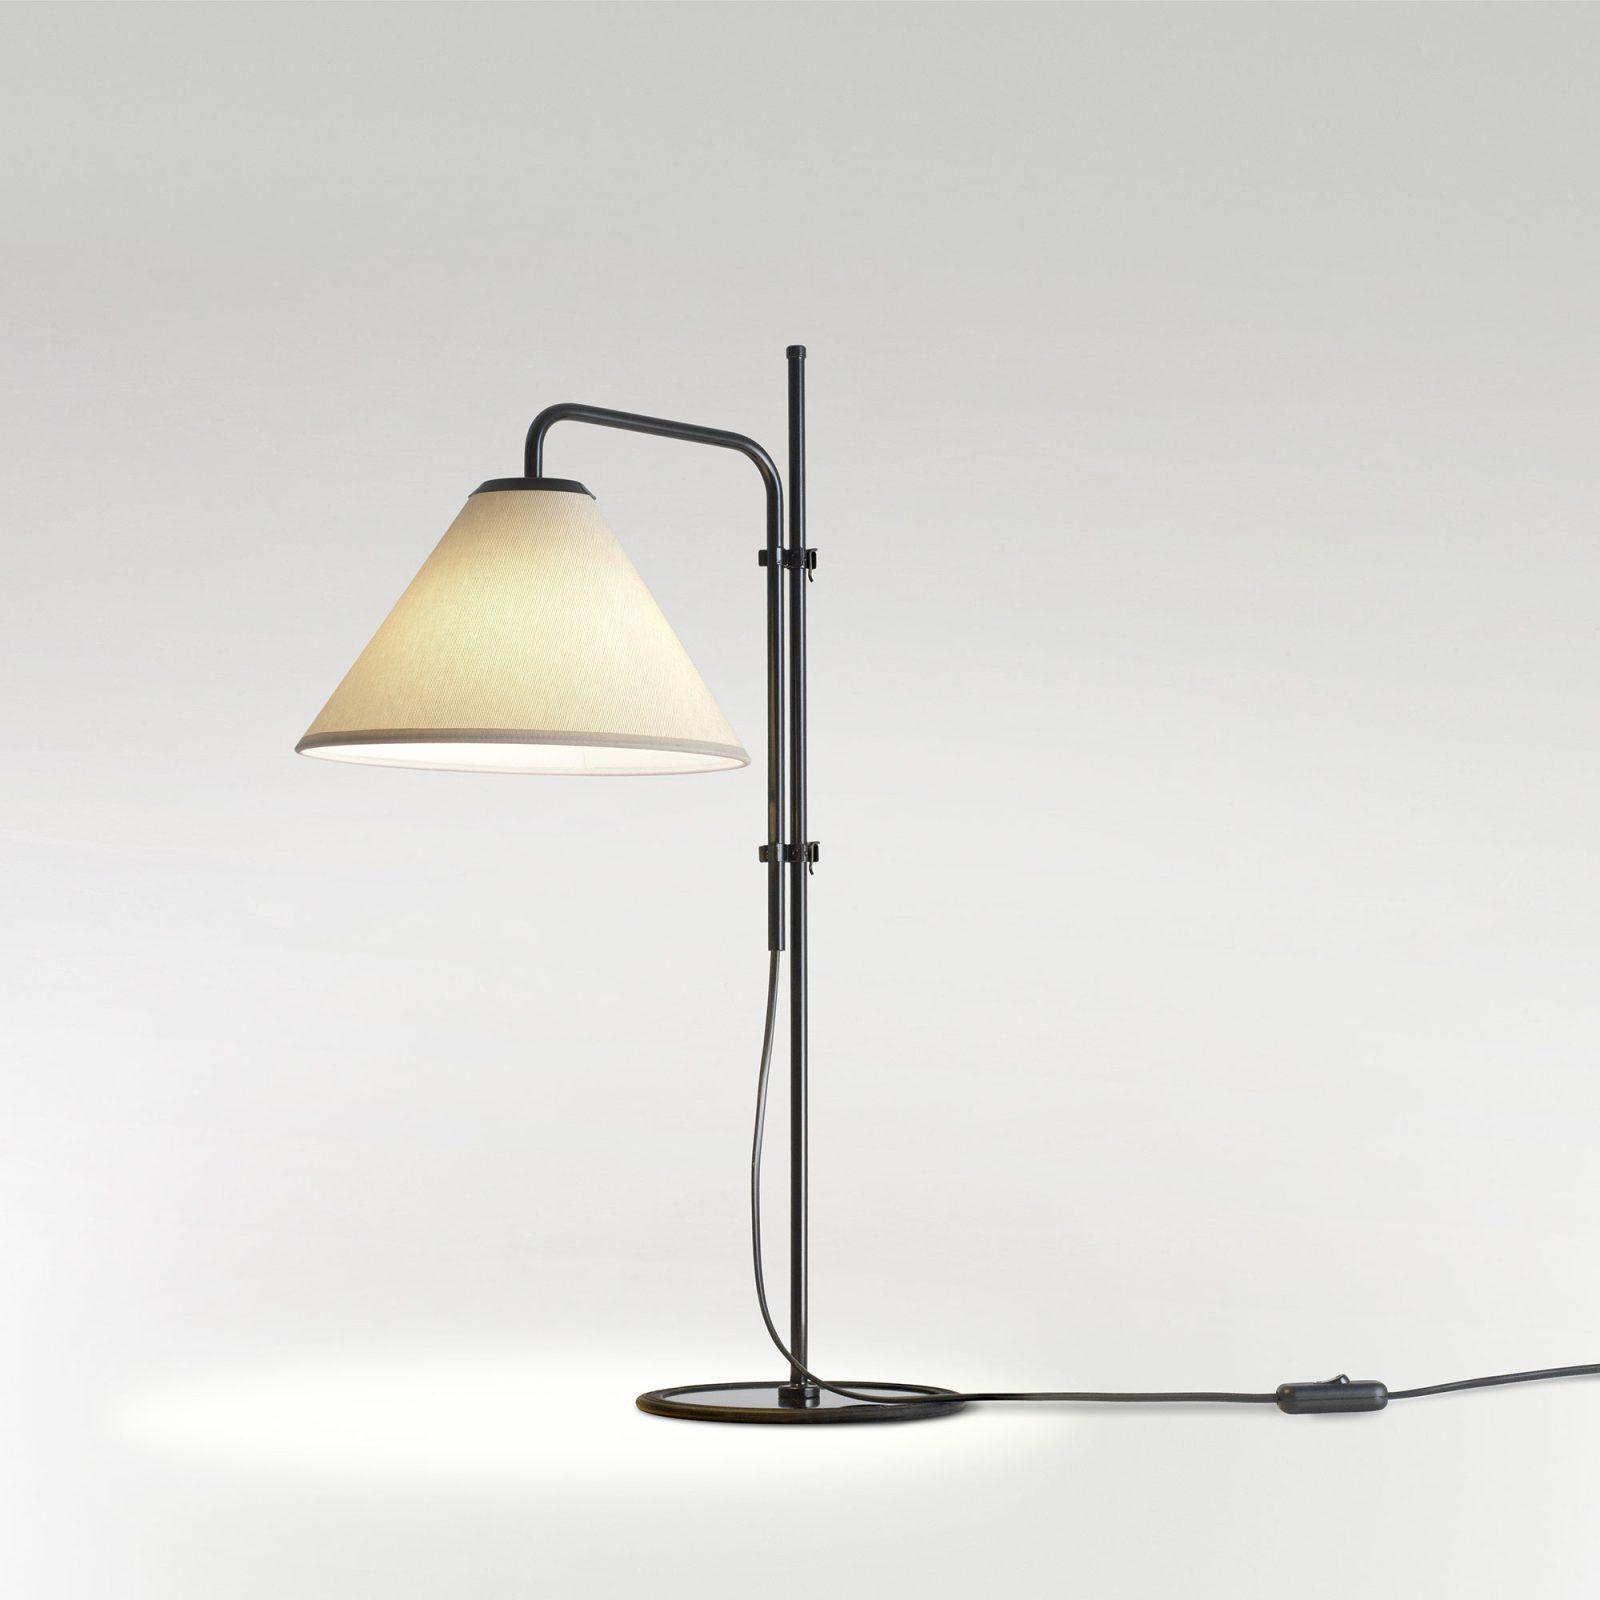 funiculi-fabric-led-table-lamp-2